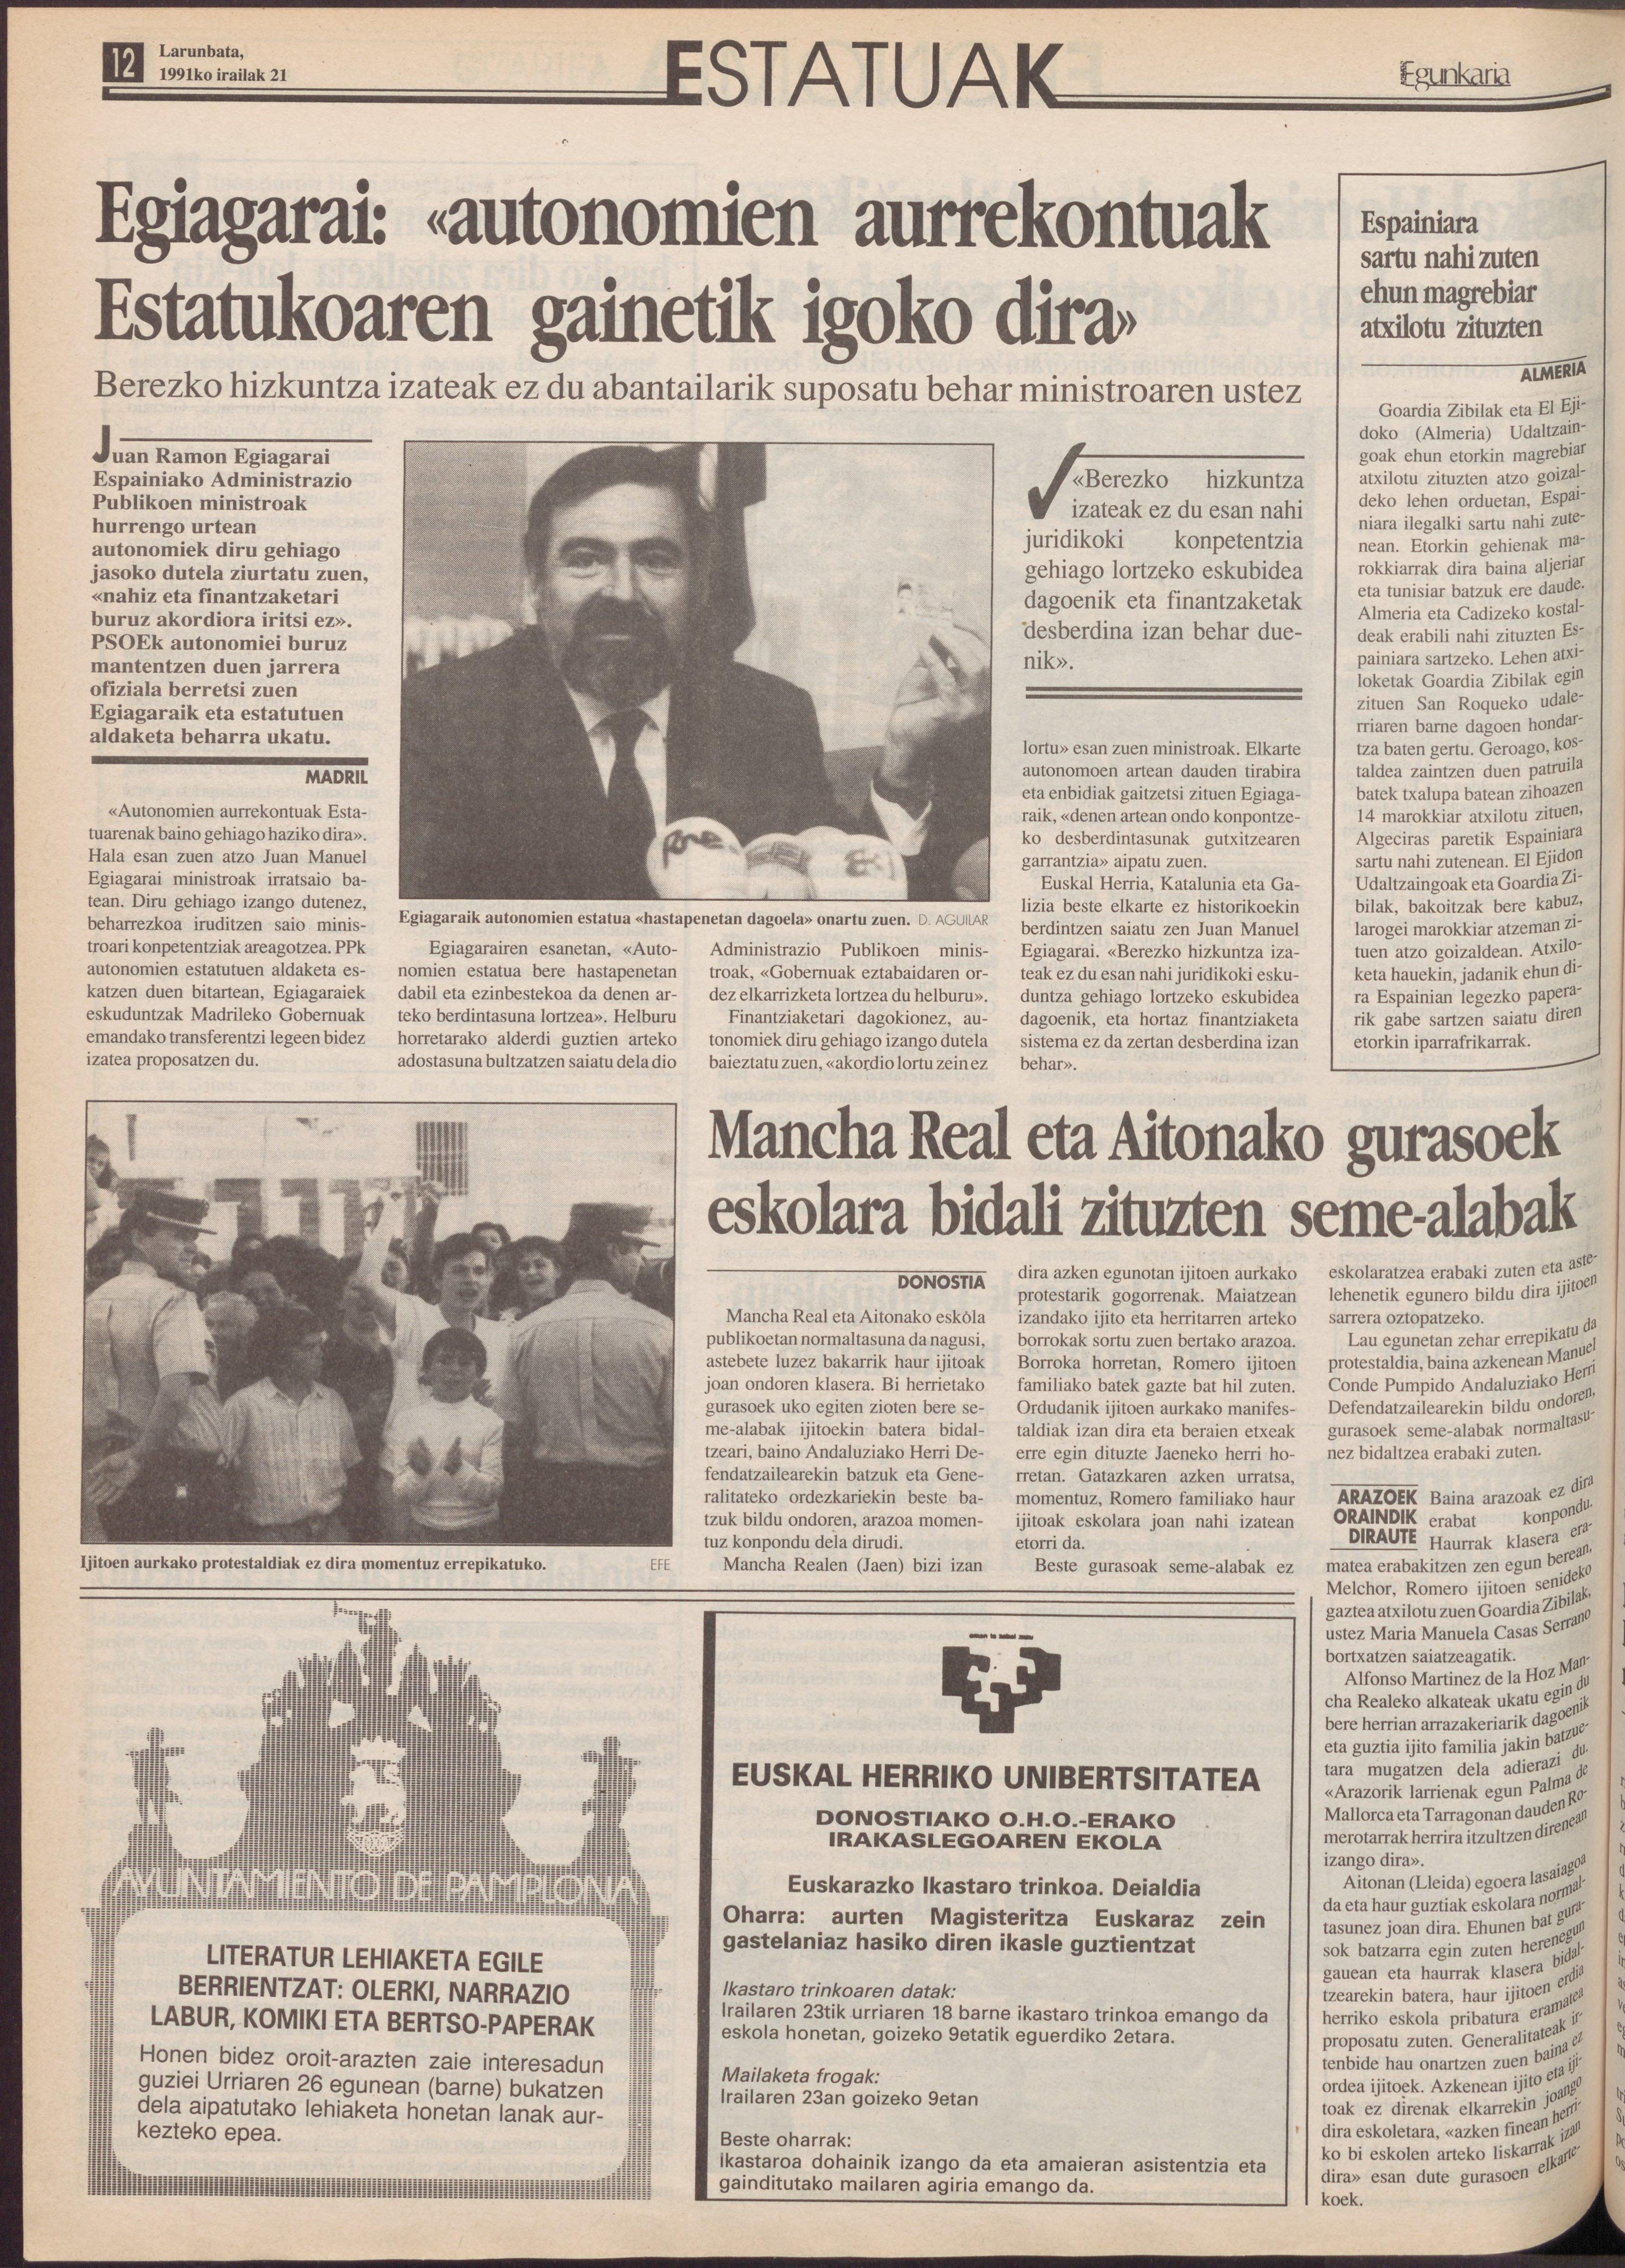 1991ko irailak 21, 12. orrialdea